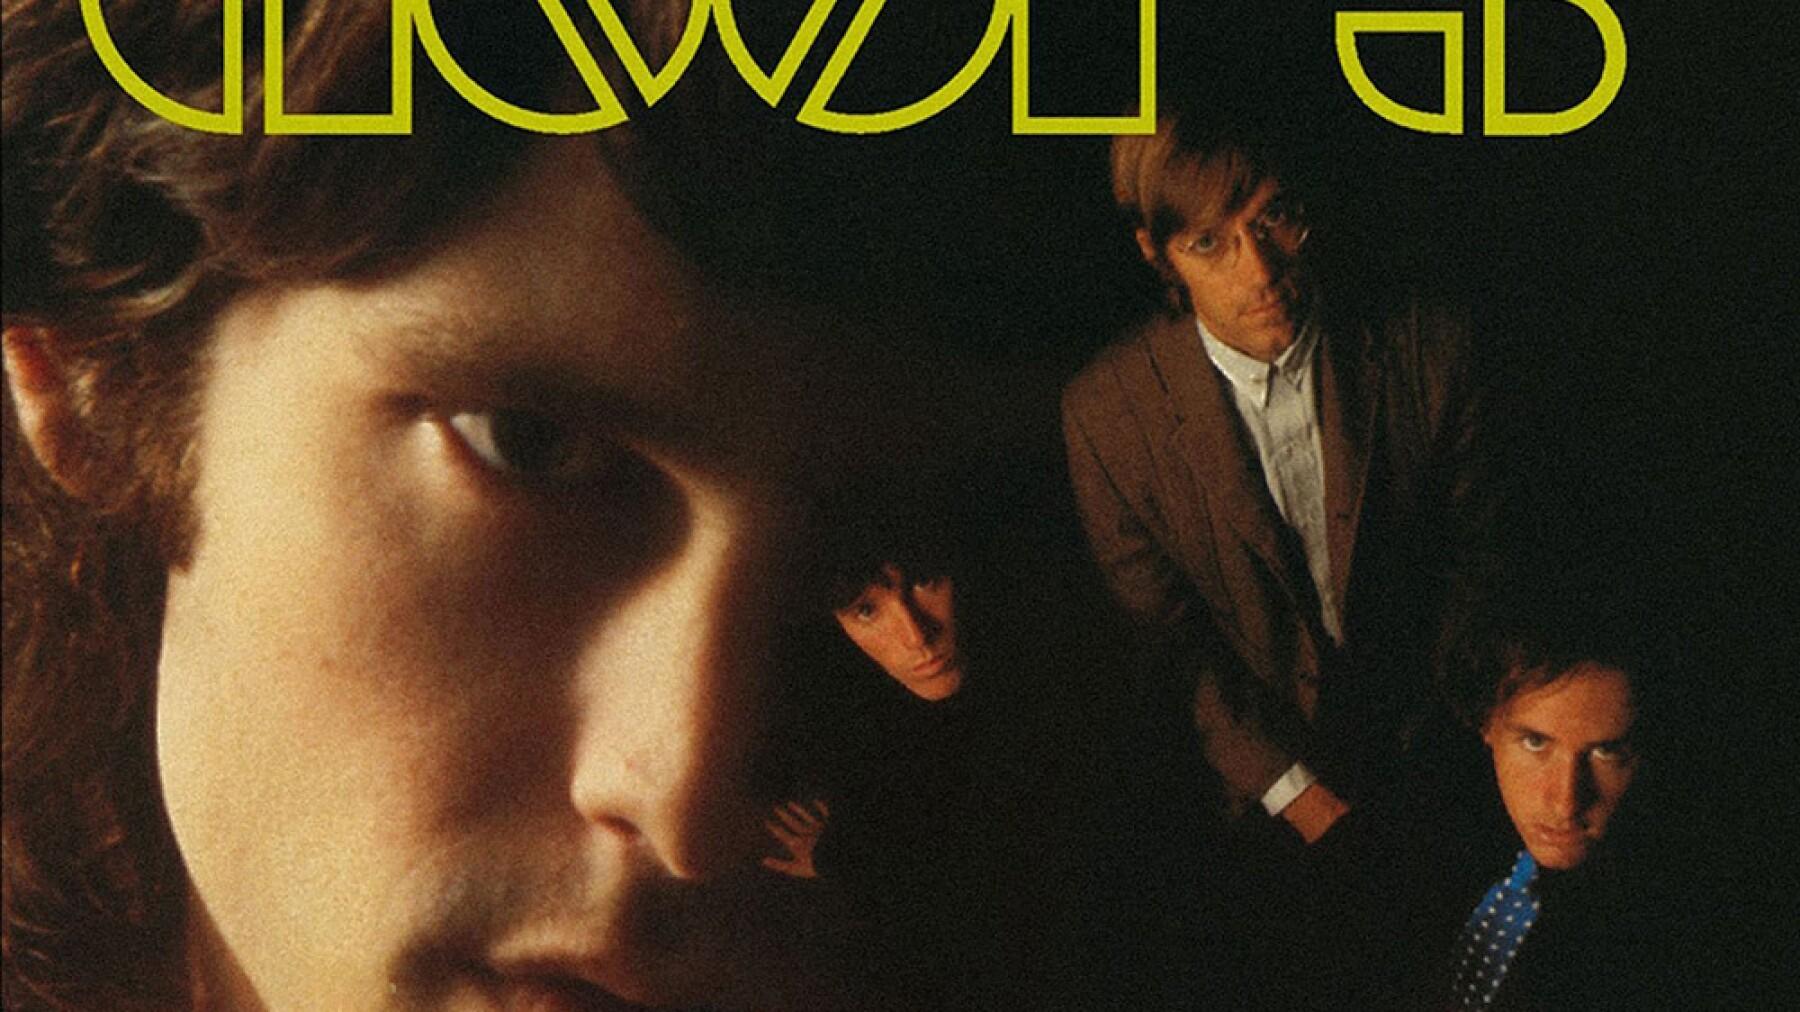 The Doors disco debut